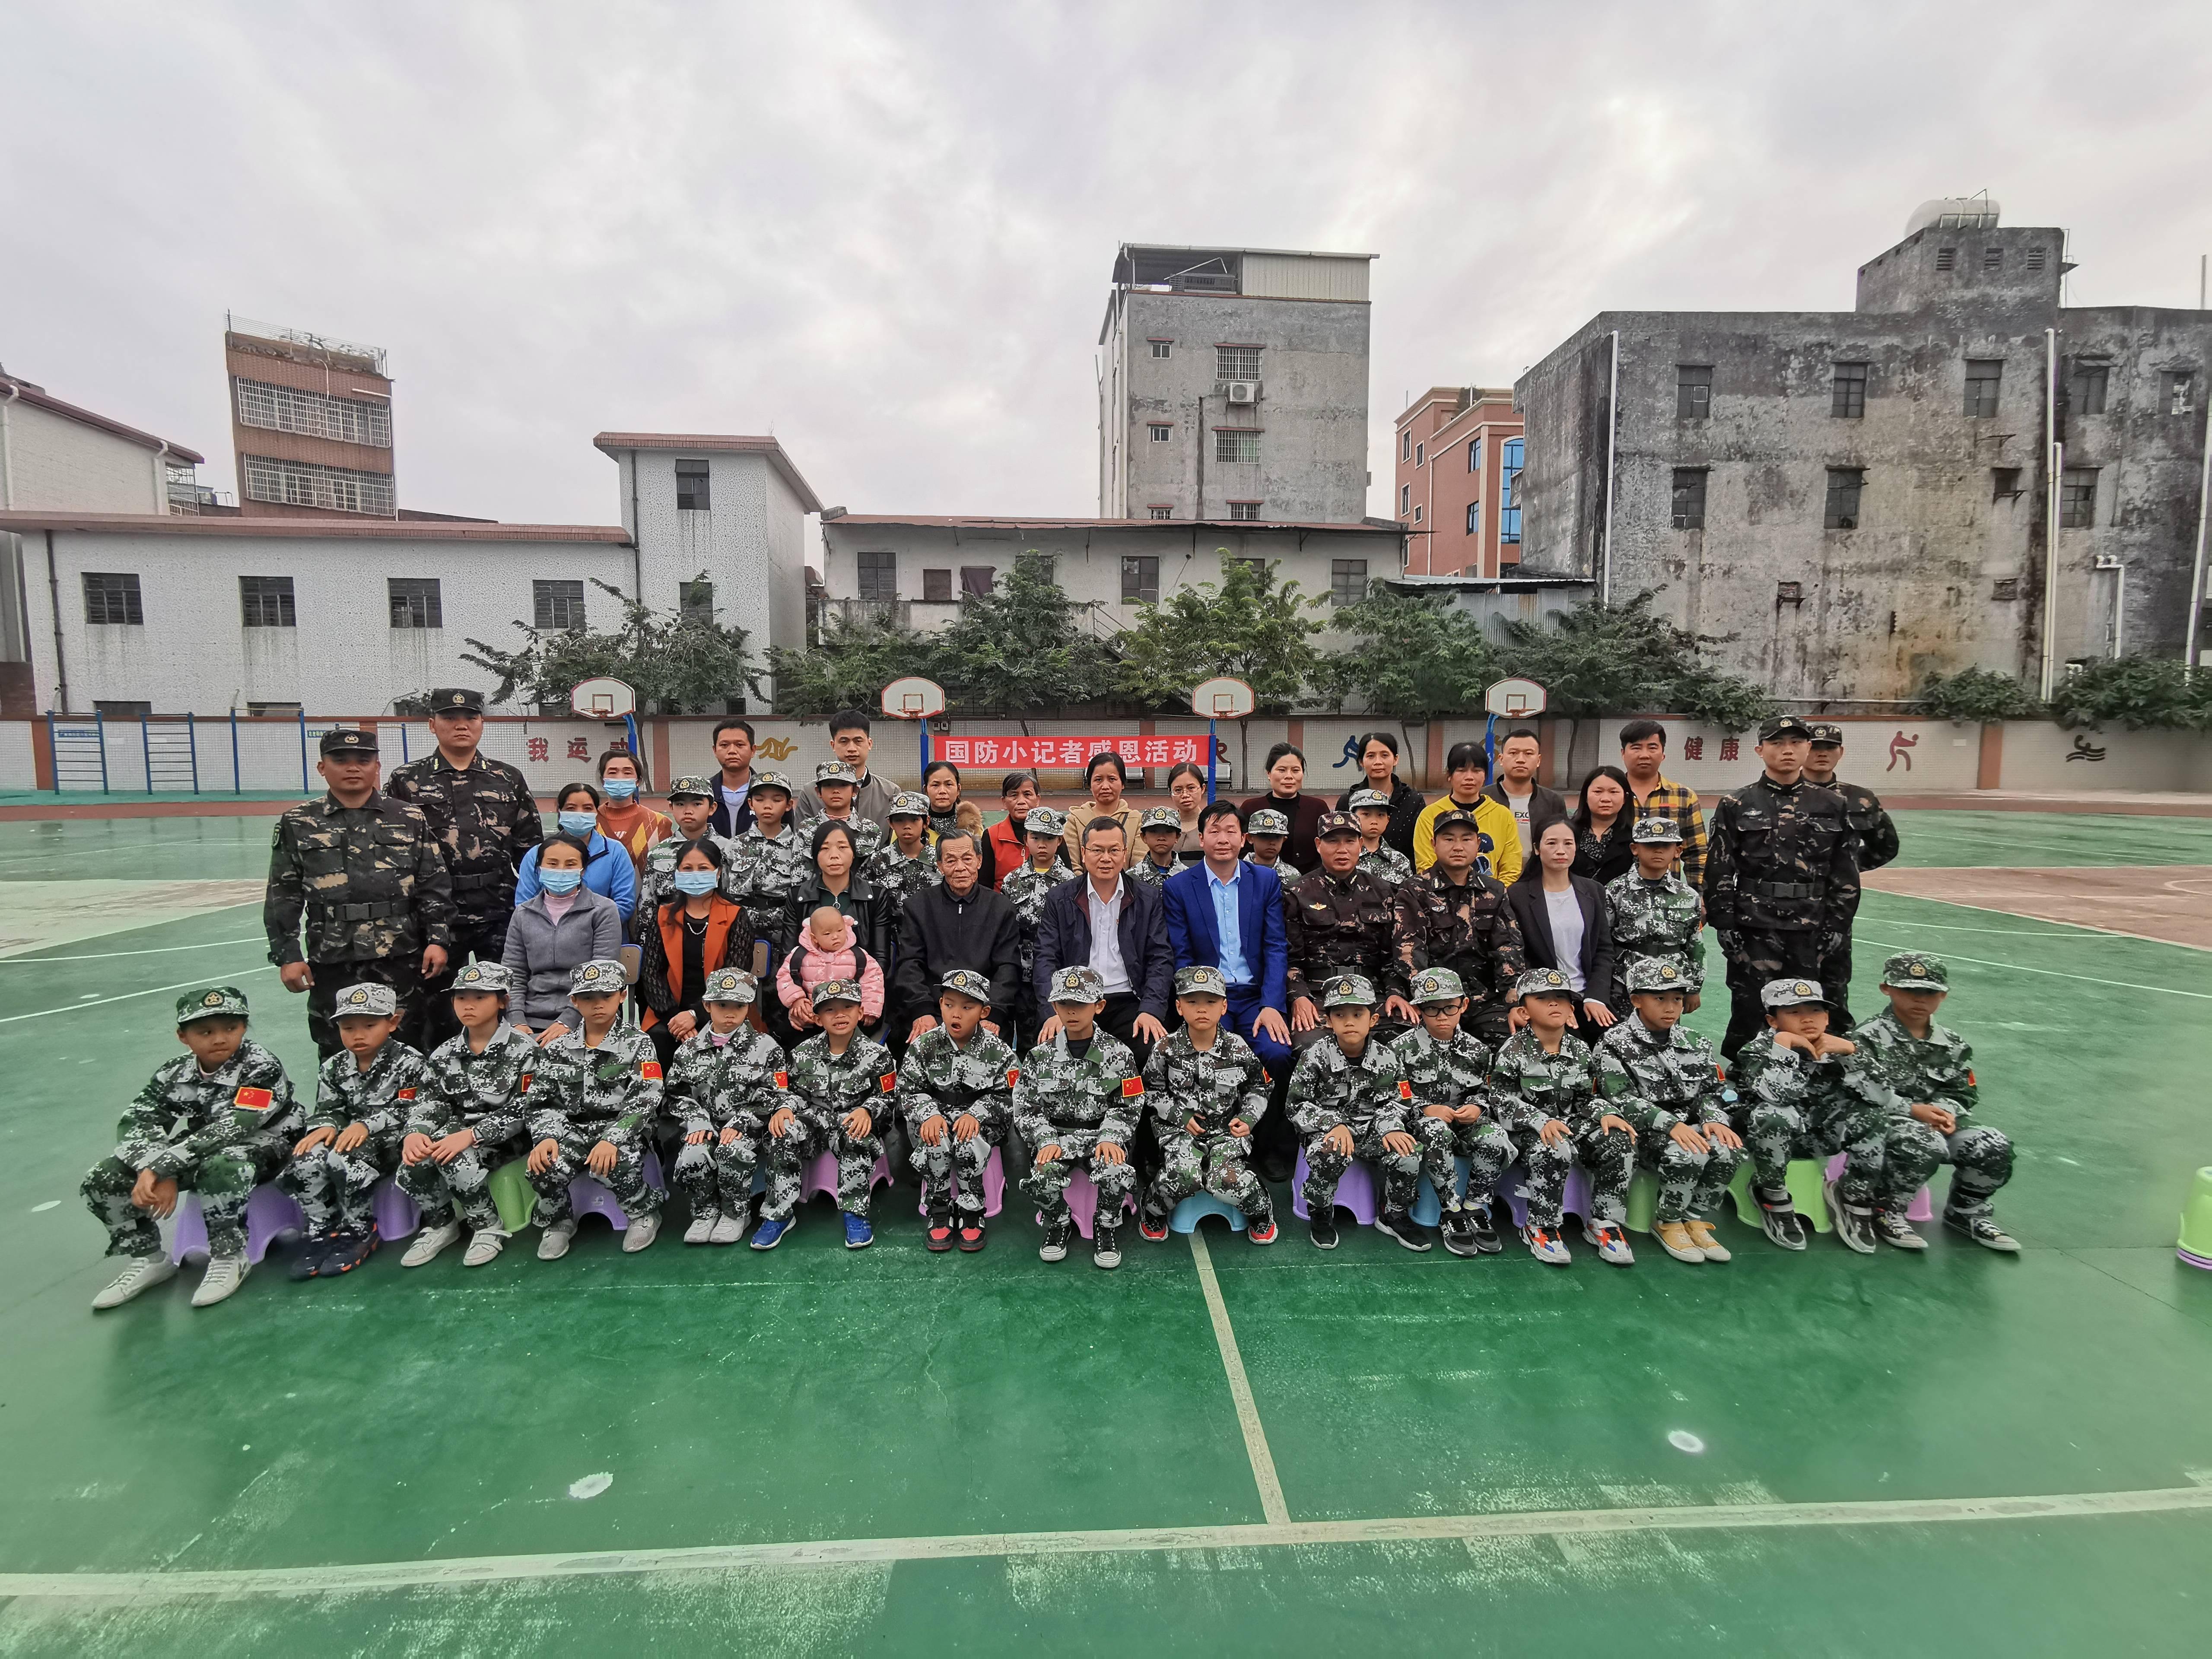 国防小记者感恩活动在广州白沙校进行(图3)